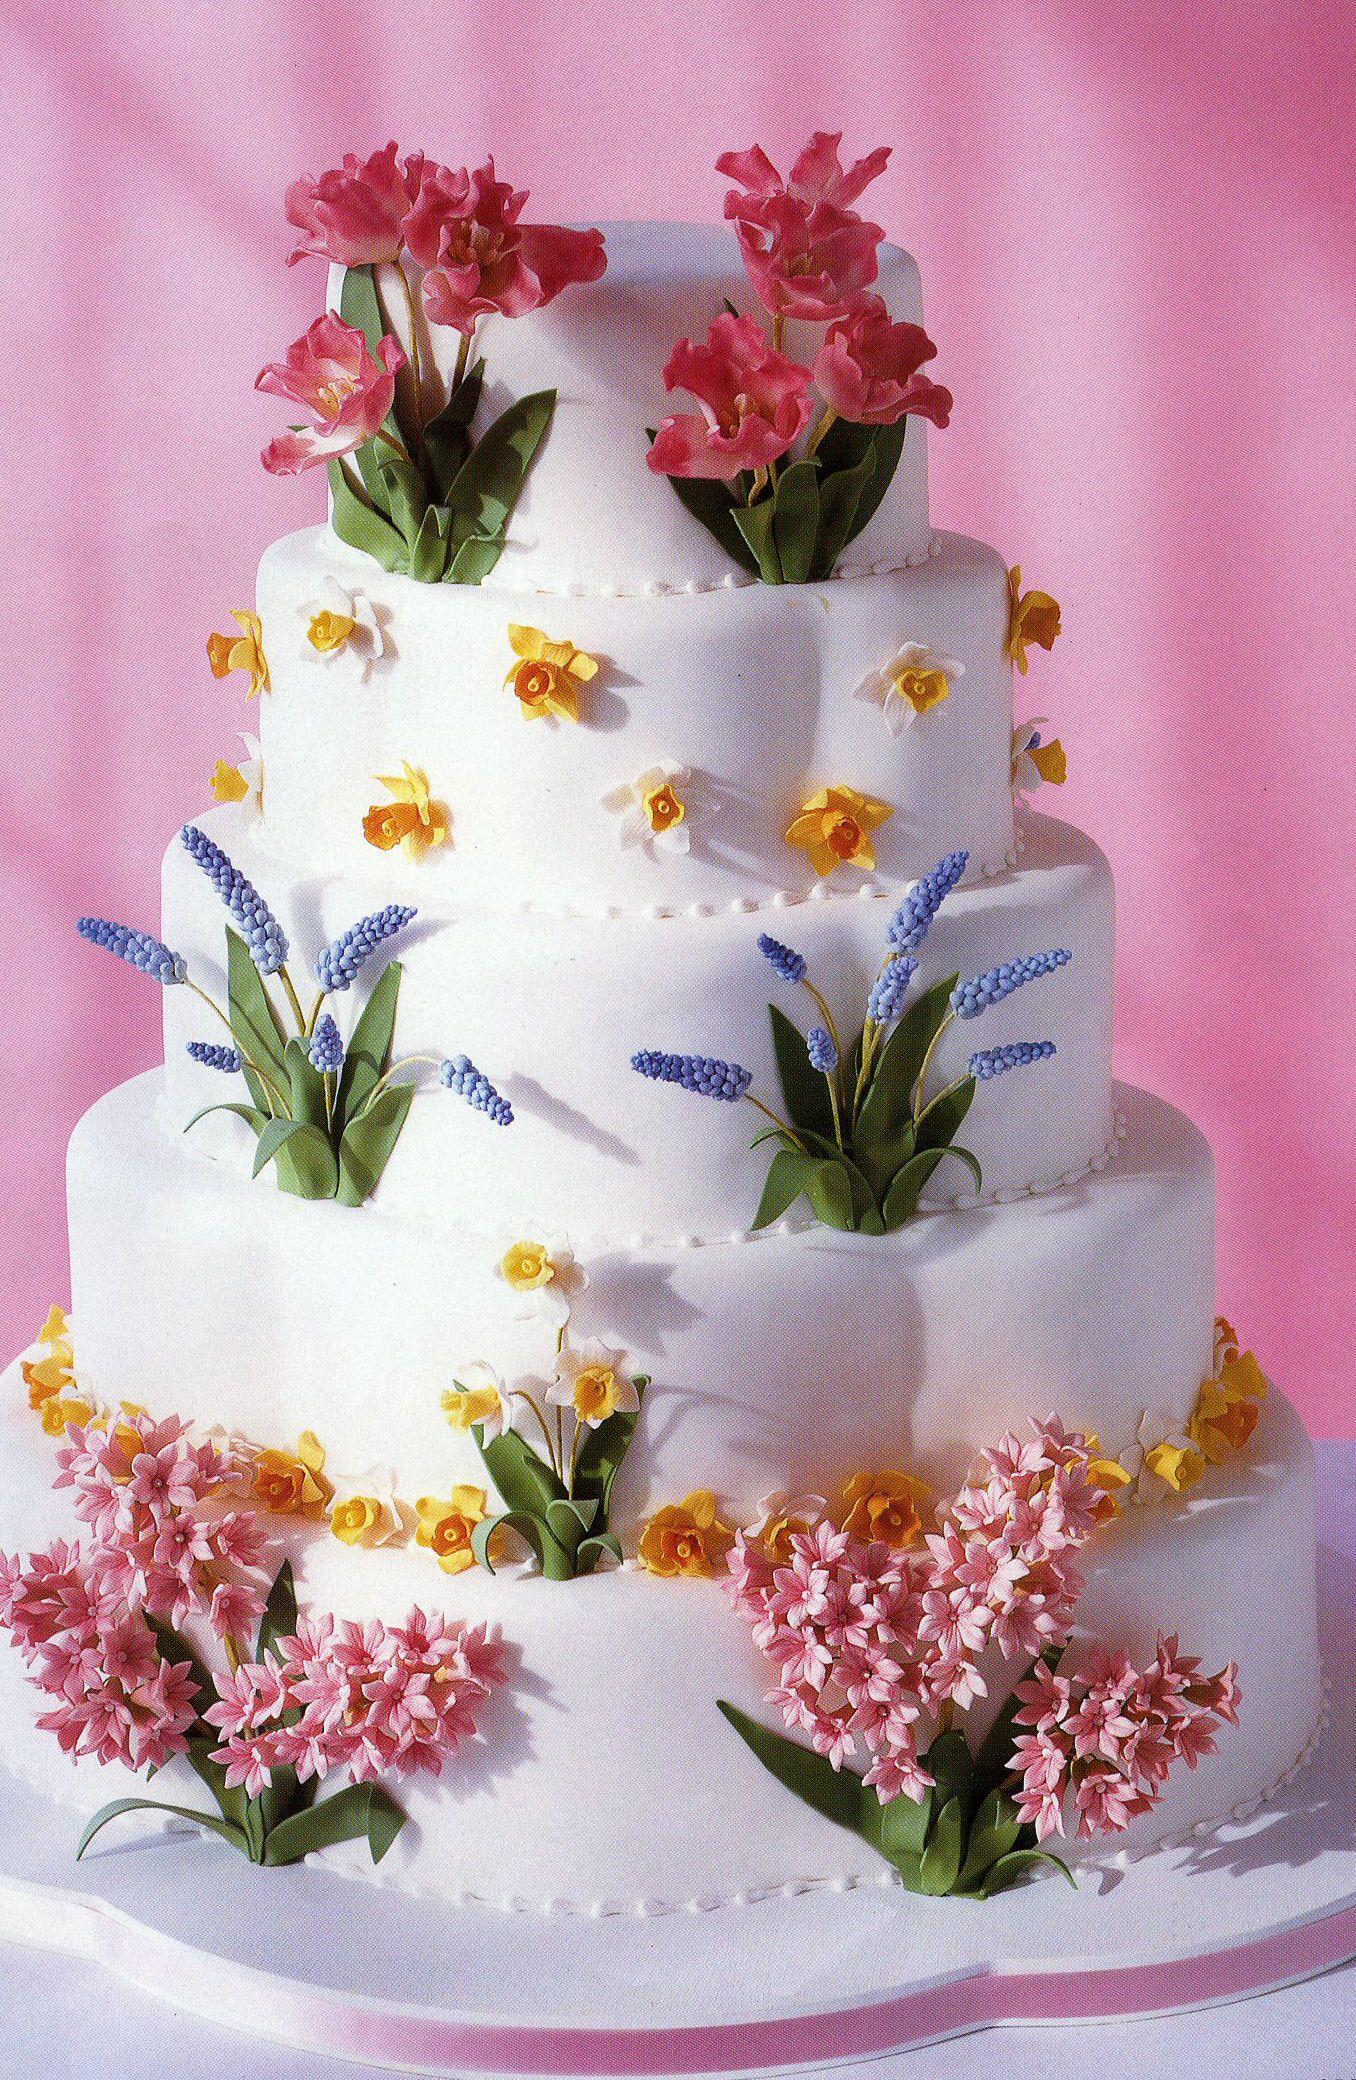 Lovely spring cake cake inspiration gallery pinterest spring